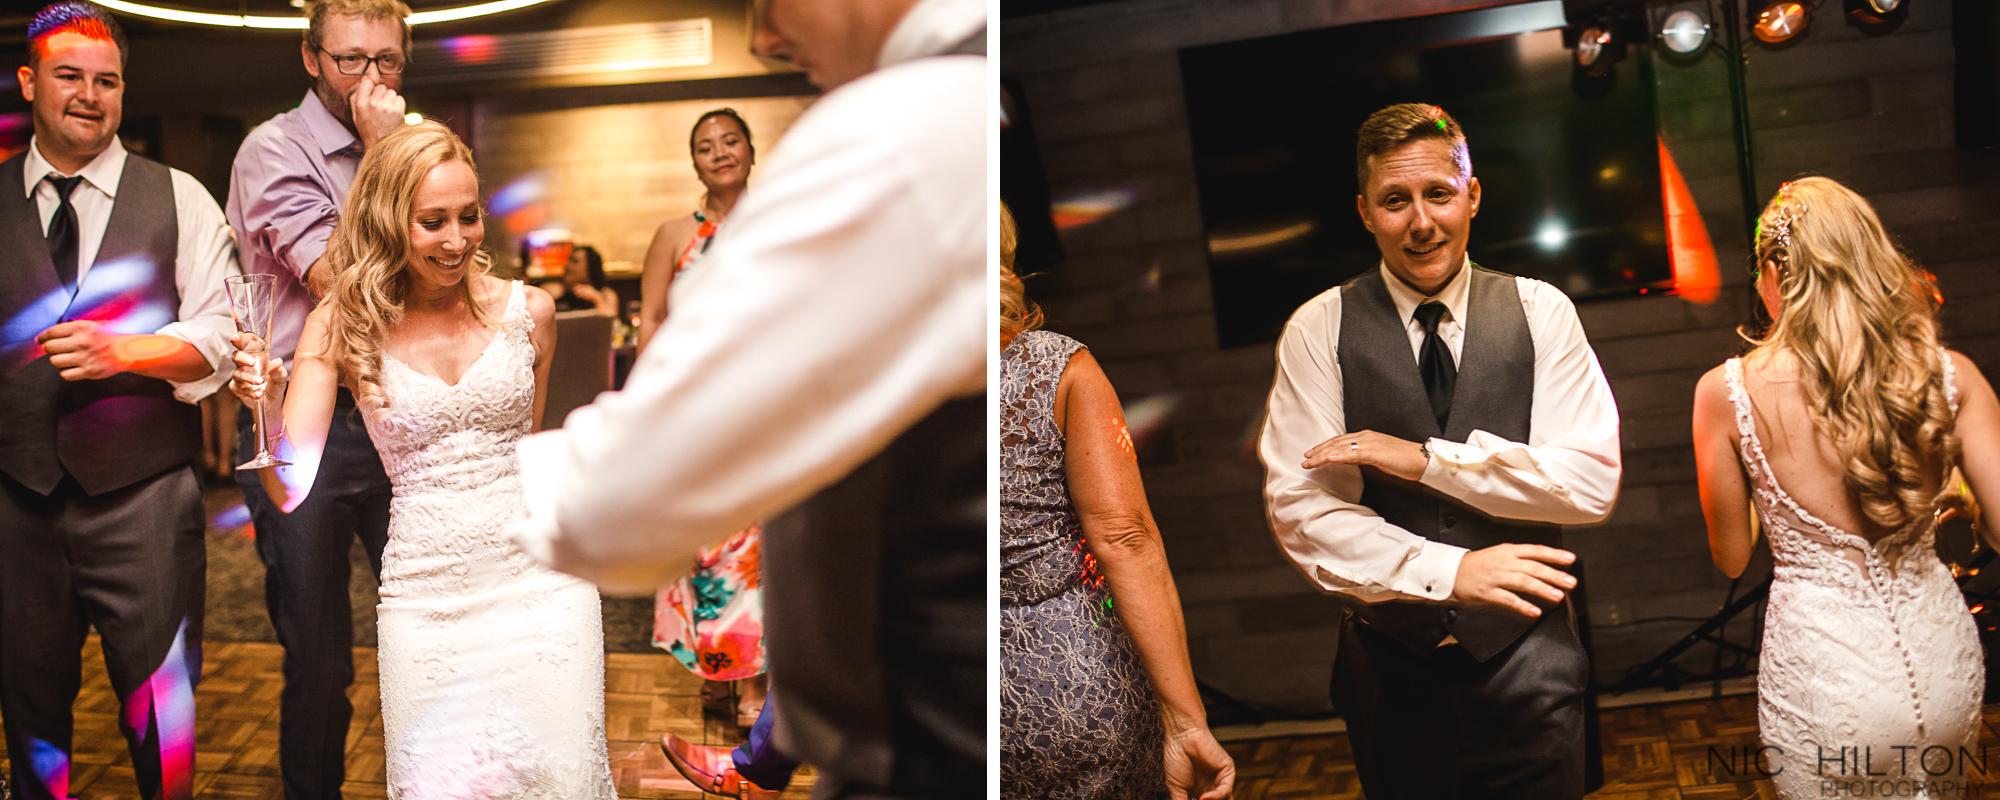 Bride-and-groom-dance-floor-mccoy-station.jpg